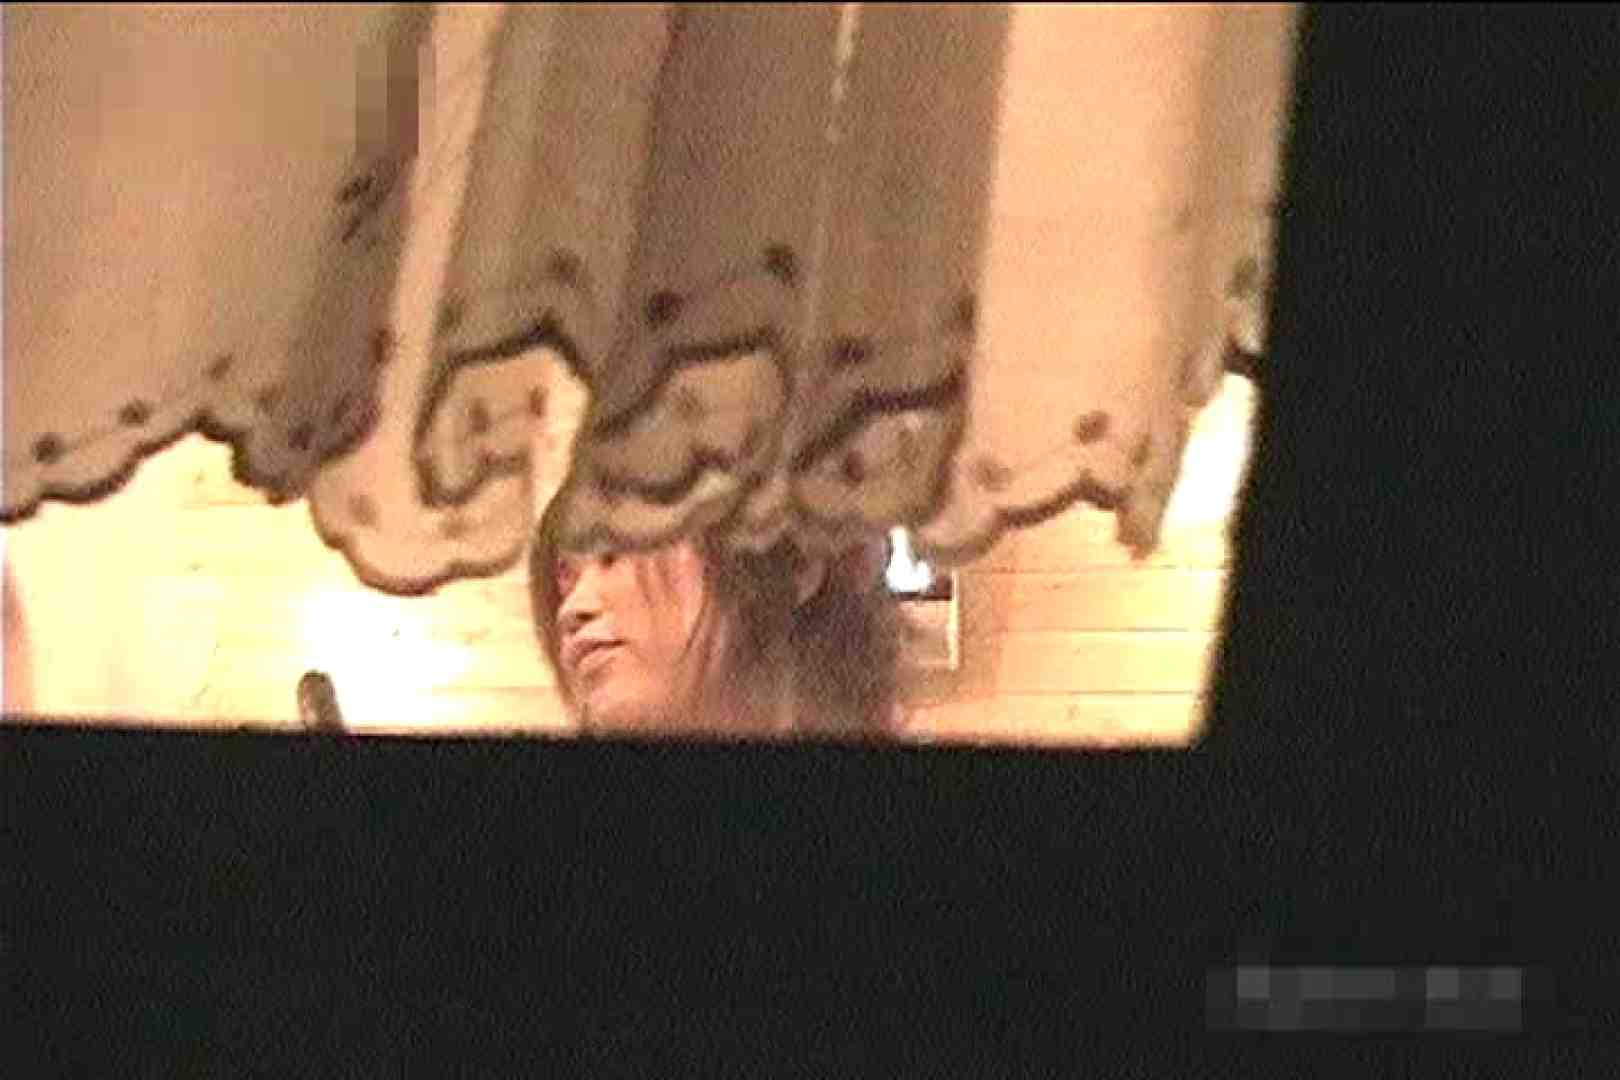 激撮ストーカー記録あなたのお宅拝見しますVol.7 女体盗撮  86連発 12